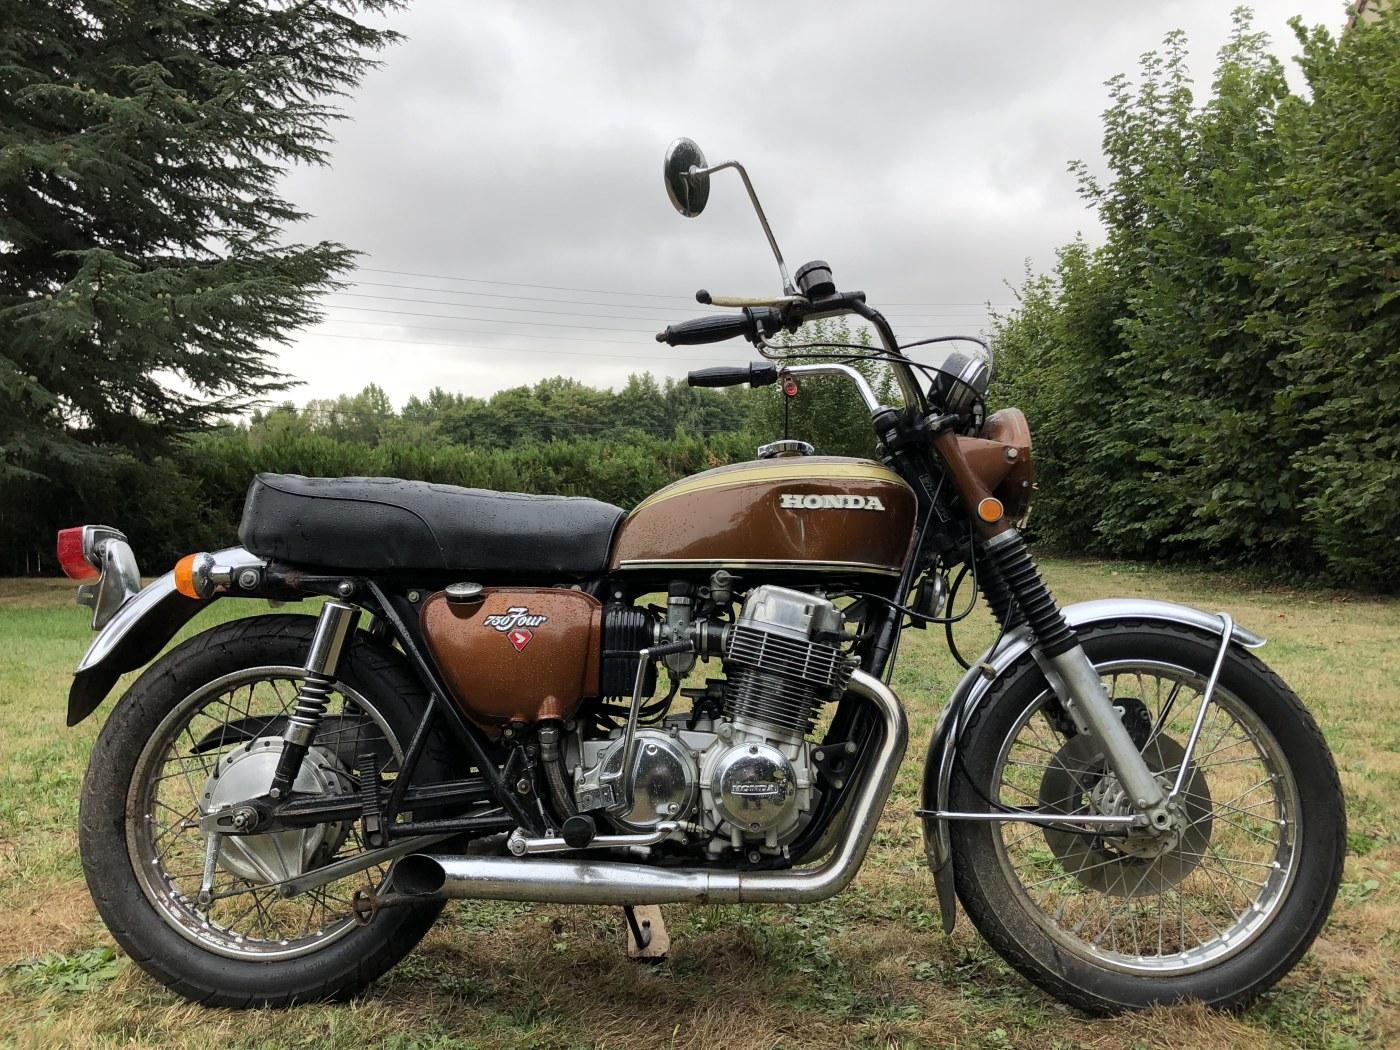 HONDA CB 750 FOUR K1 1971